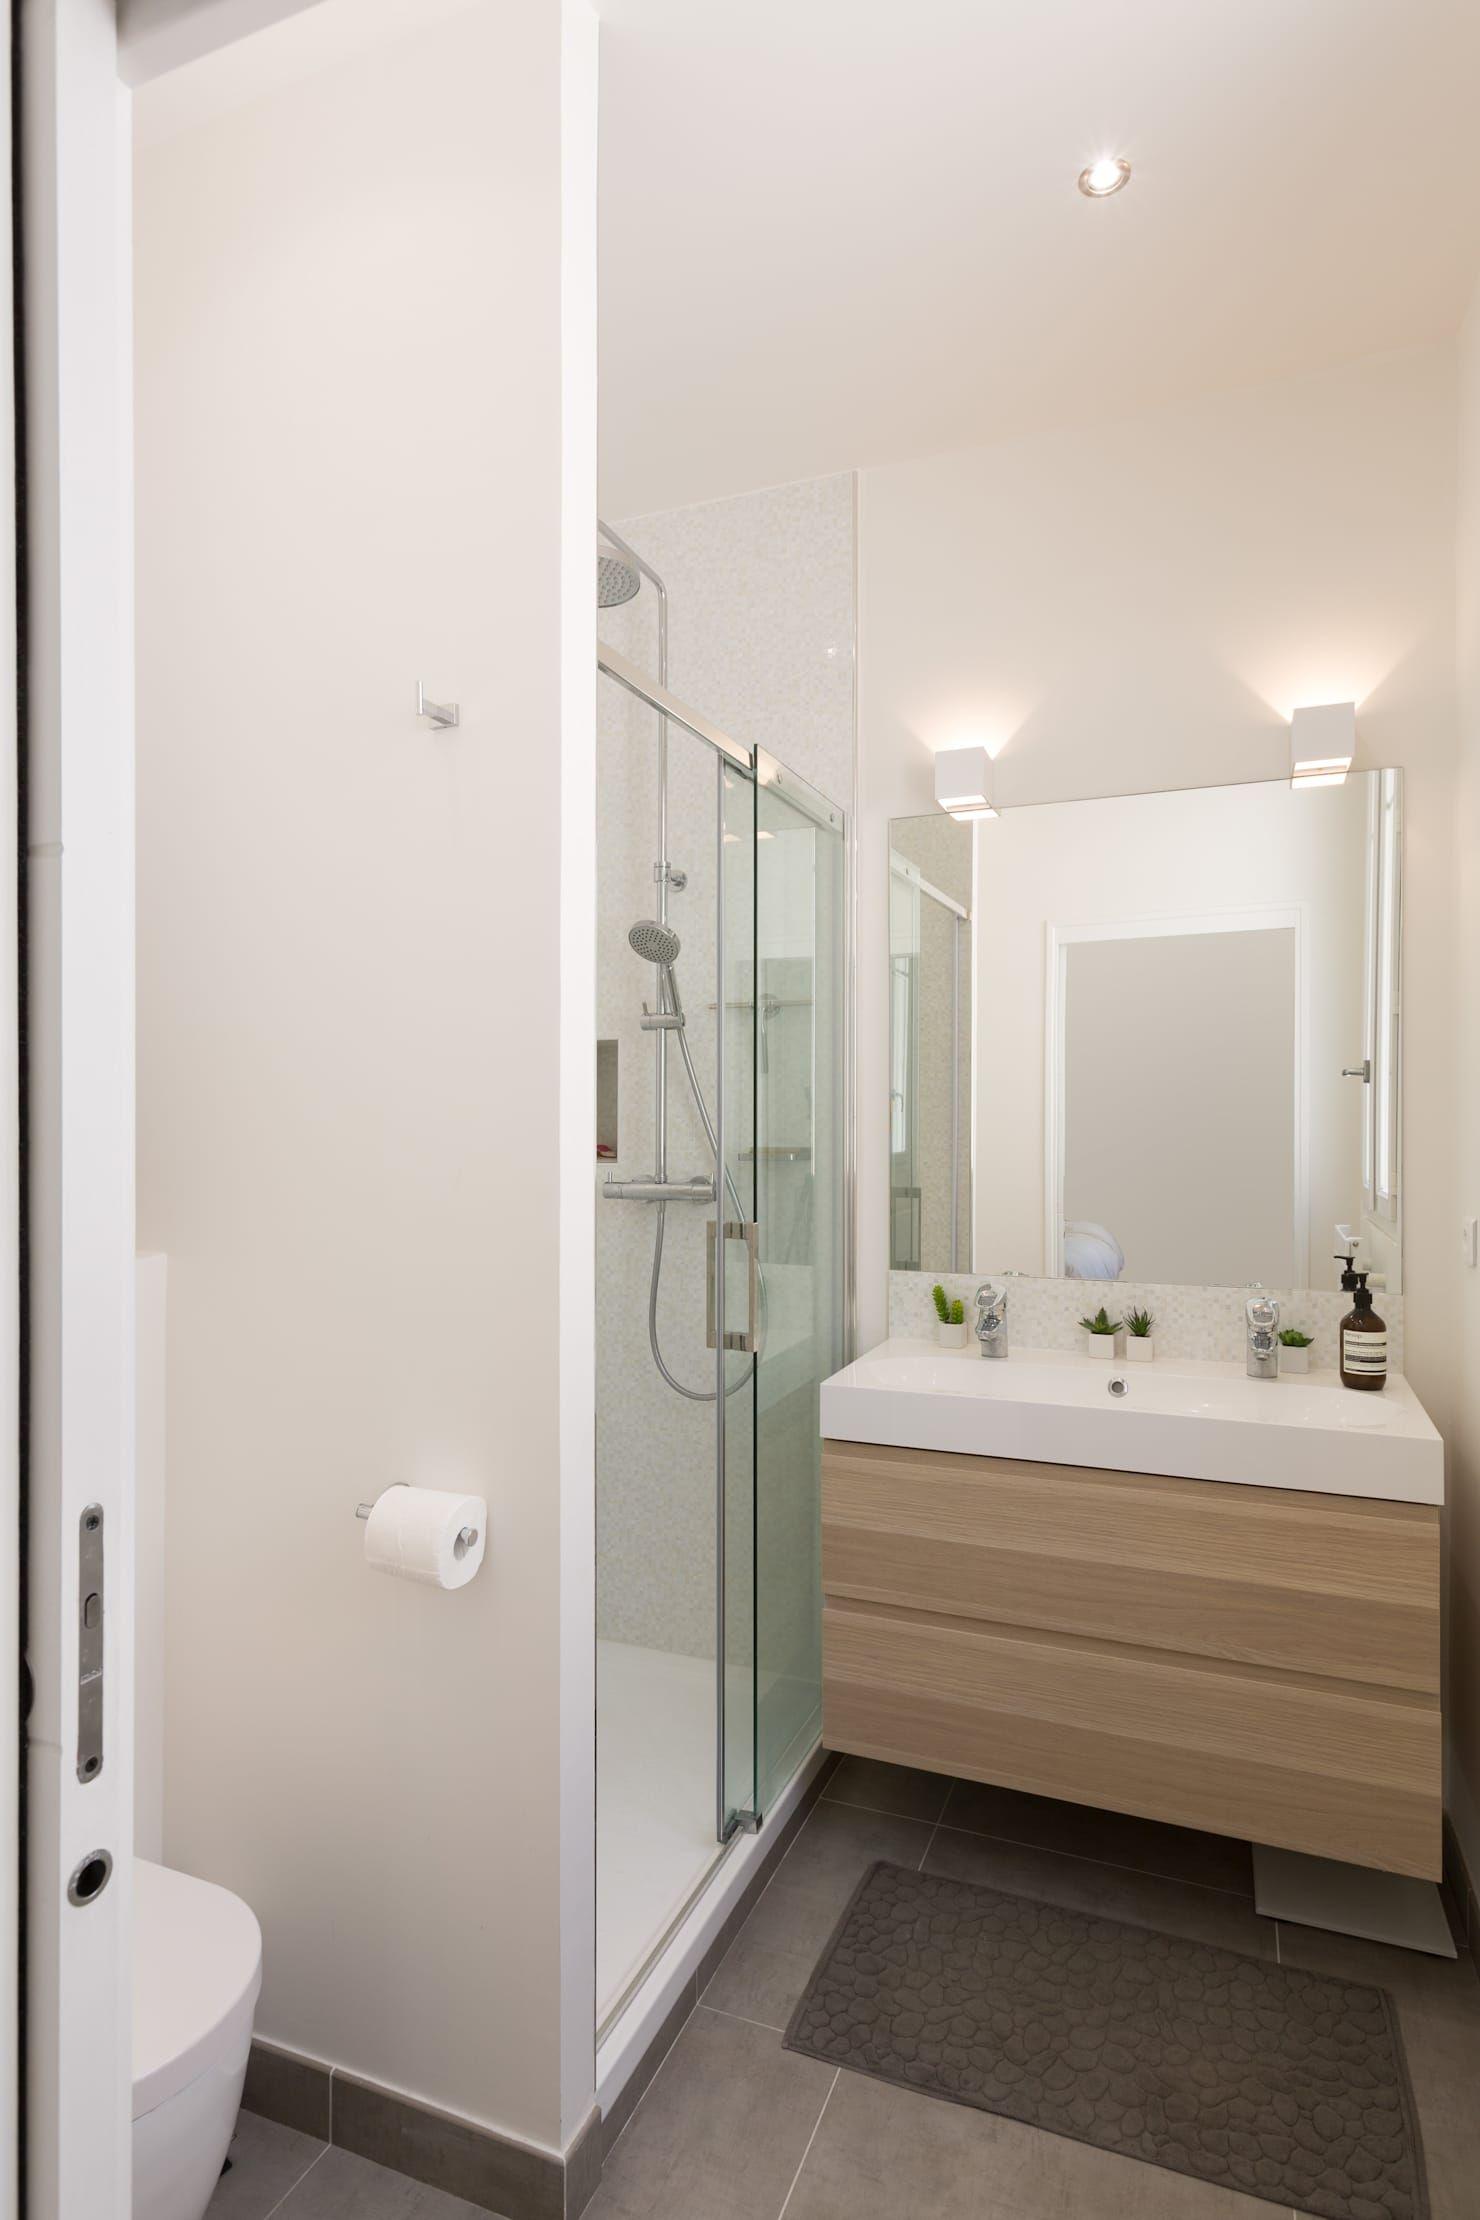 Rénovation d'un appartement rue daru salle de bain scandinave par mon concept habitation scandinave | homify